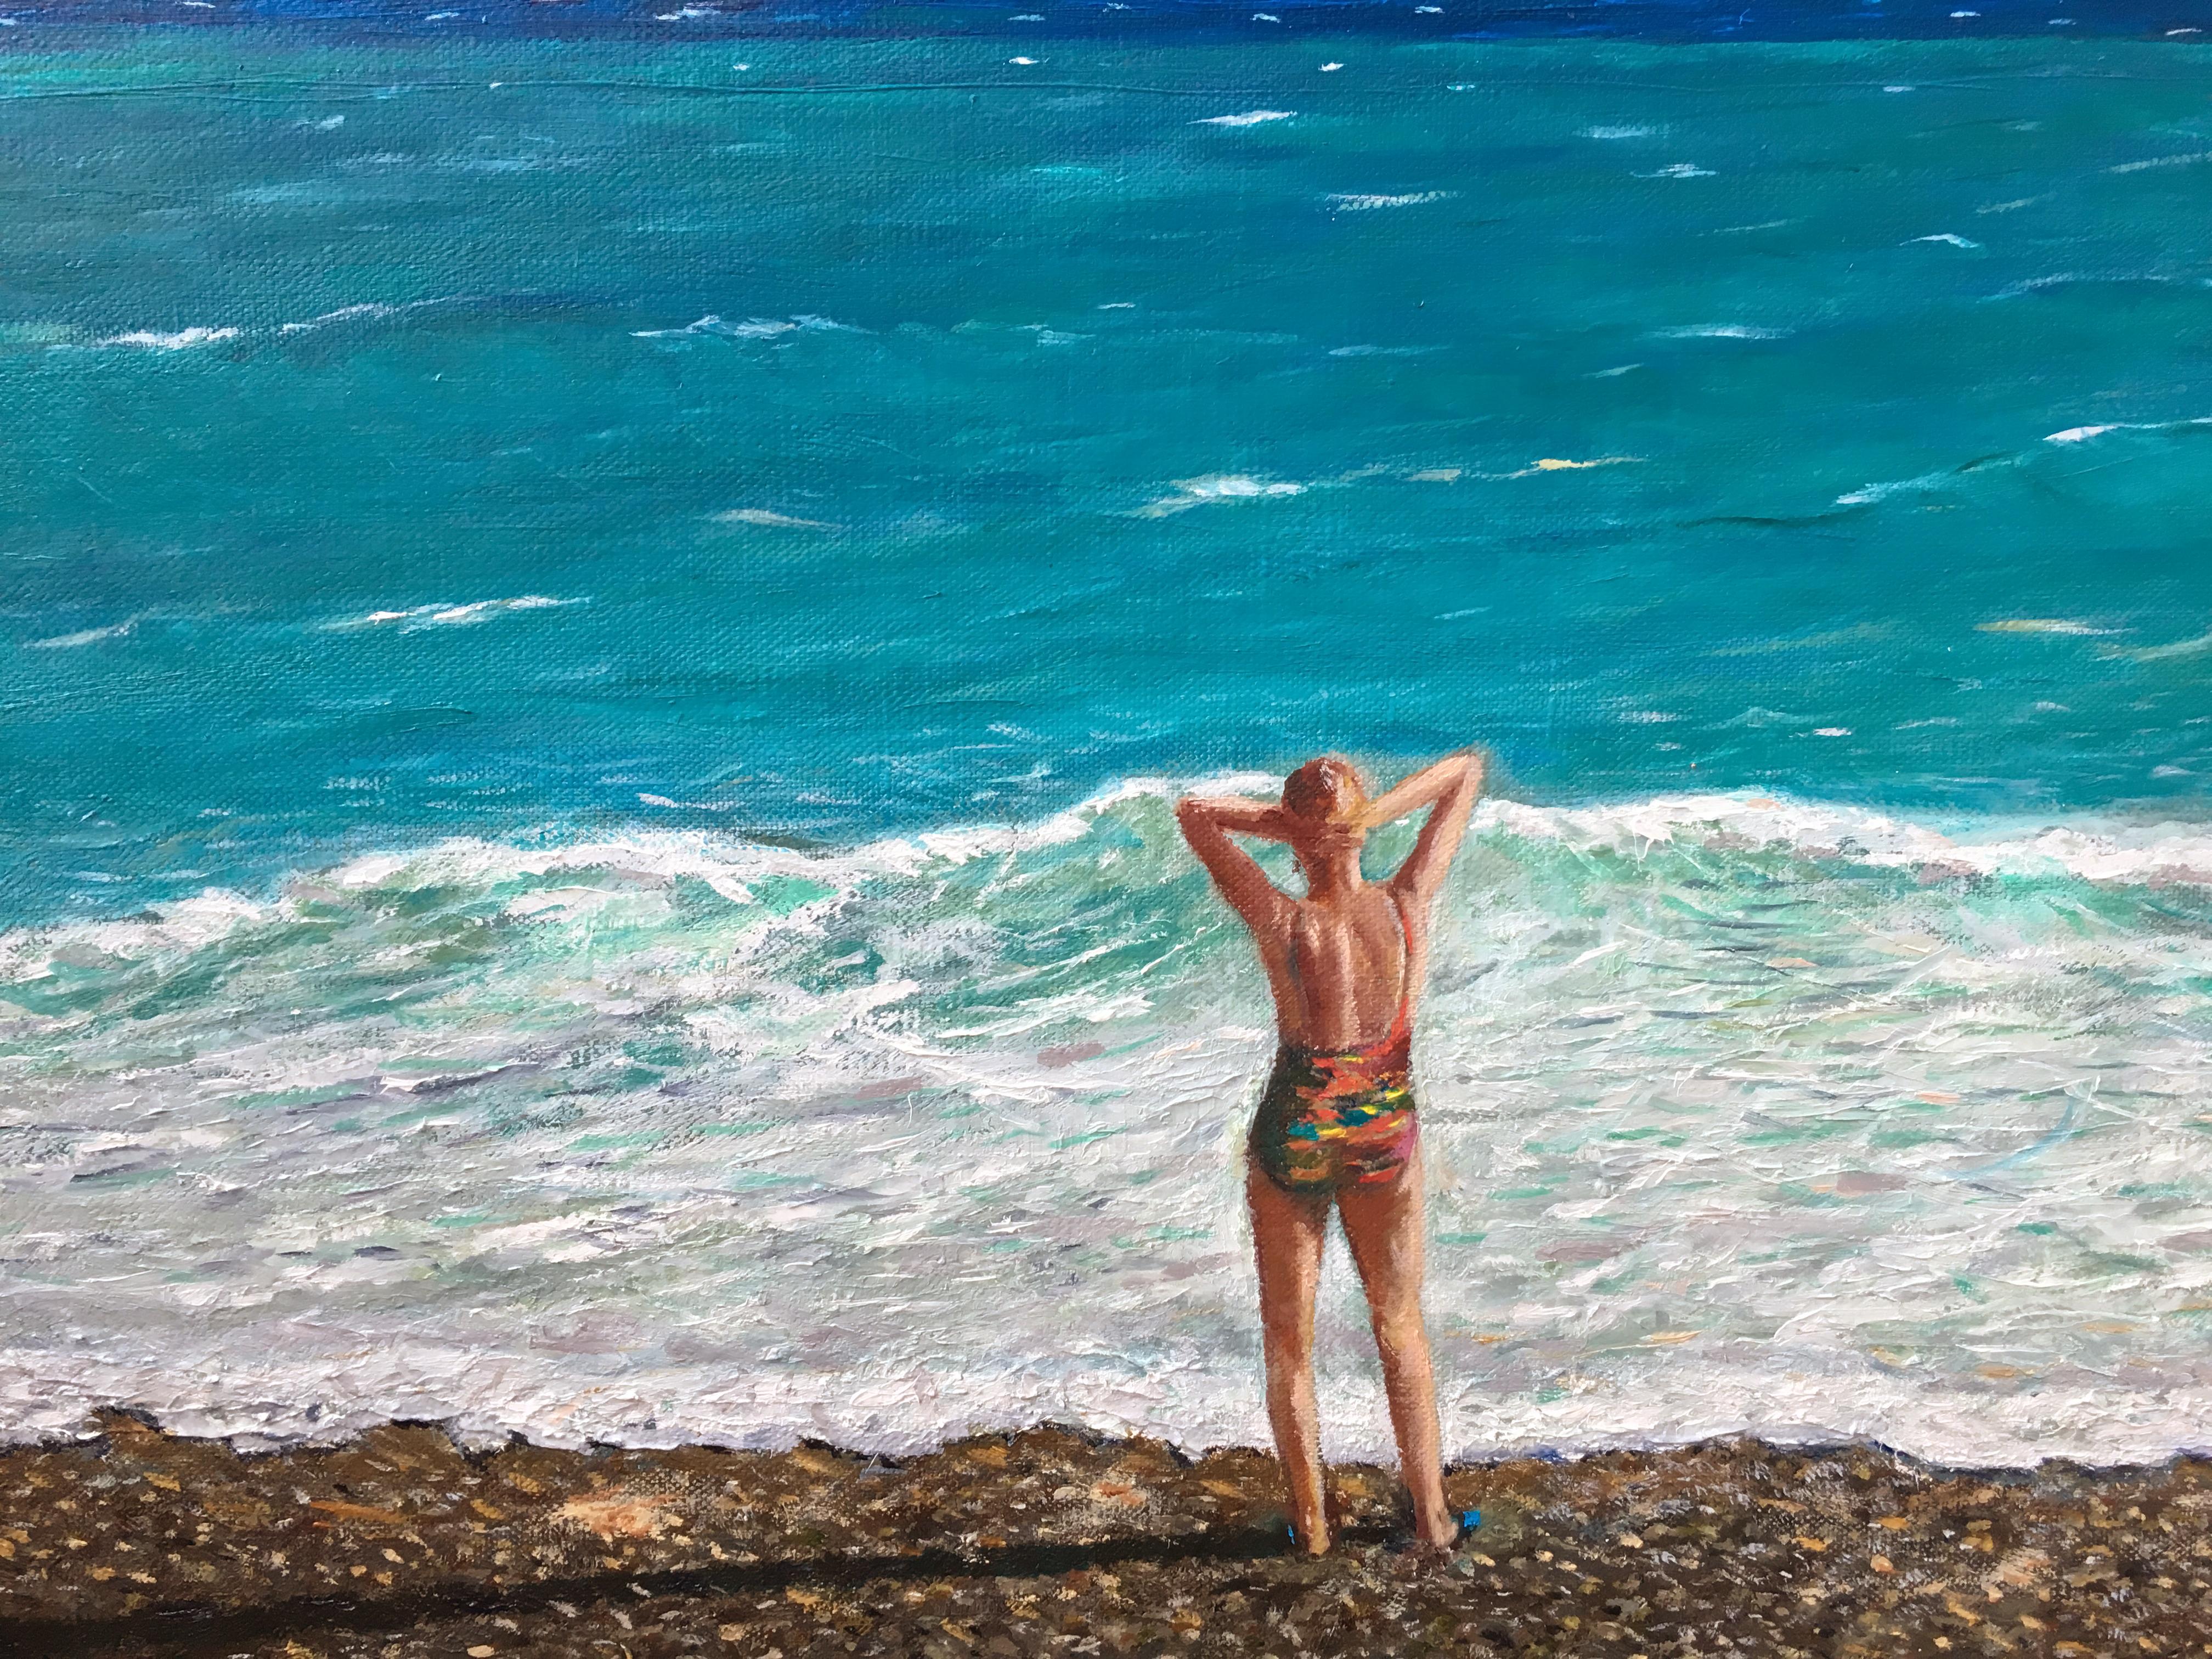 Морской пейзаж картина маслом ЛазурнМорской пейзаж картина маслом Лазурный берег Ницца художник Альберт Сафиуллиный берег Ницца художник Альберт Сафиуллин